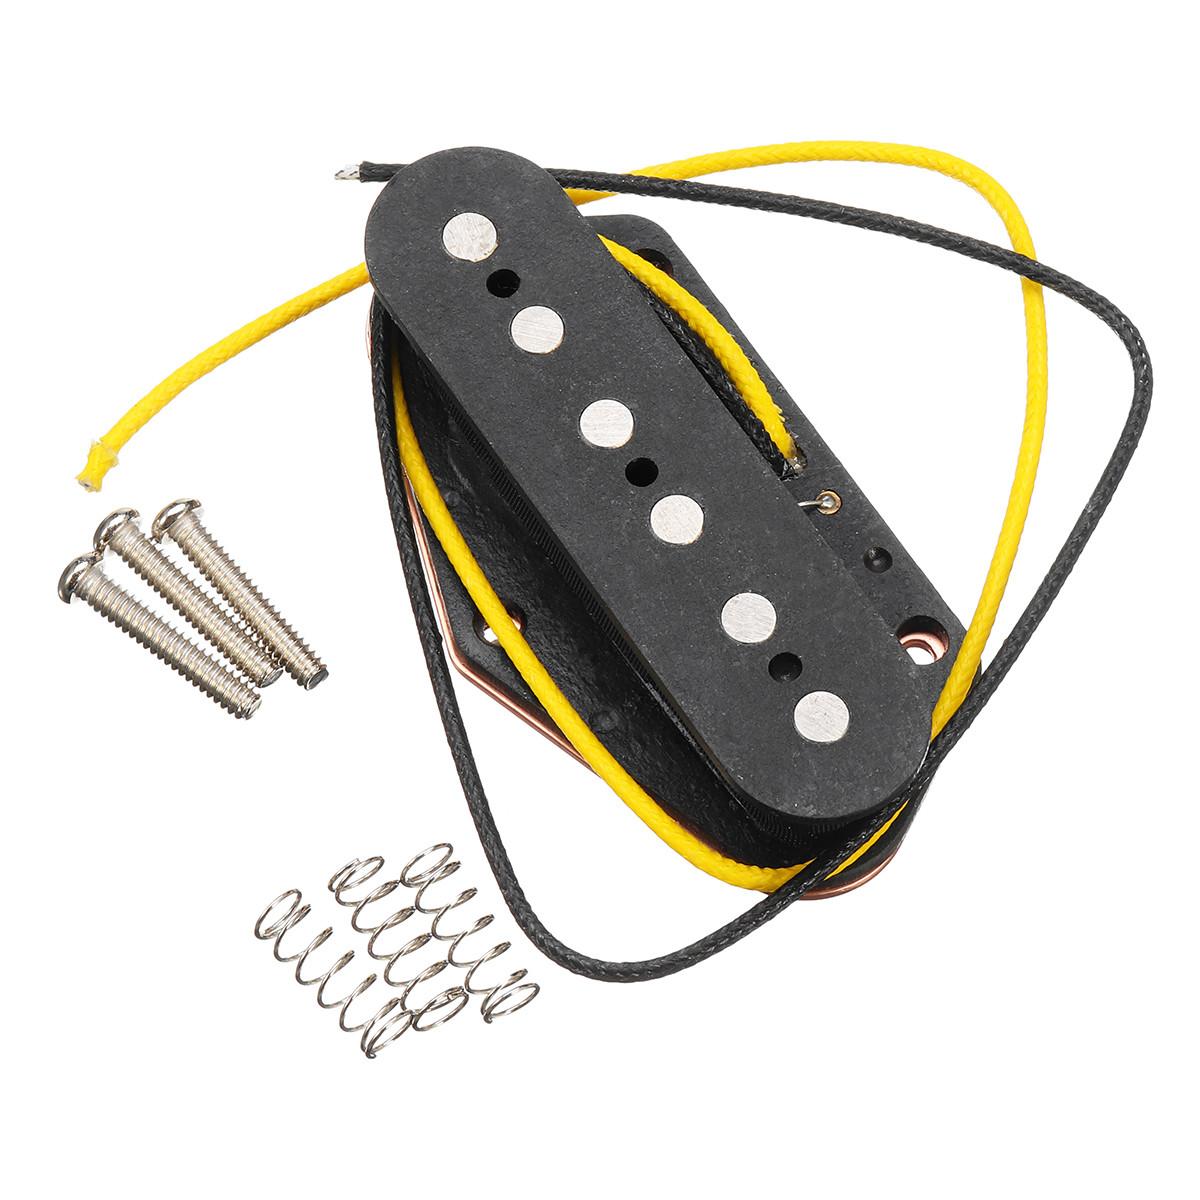 1 шт. Сингл катушка гитара бас-бридж пикап - 1TopShop